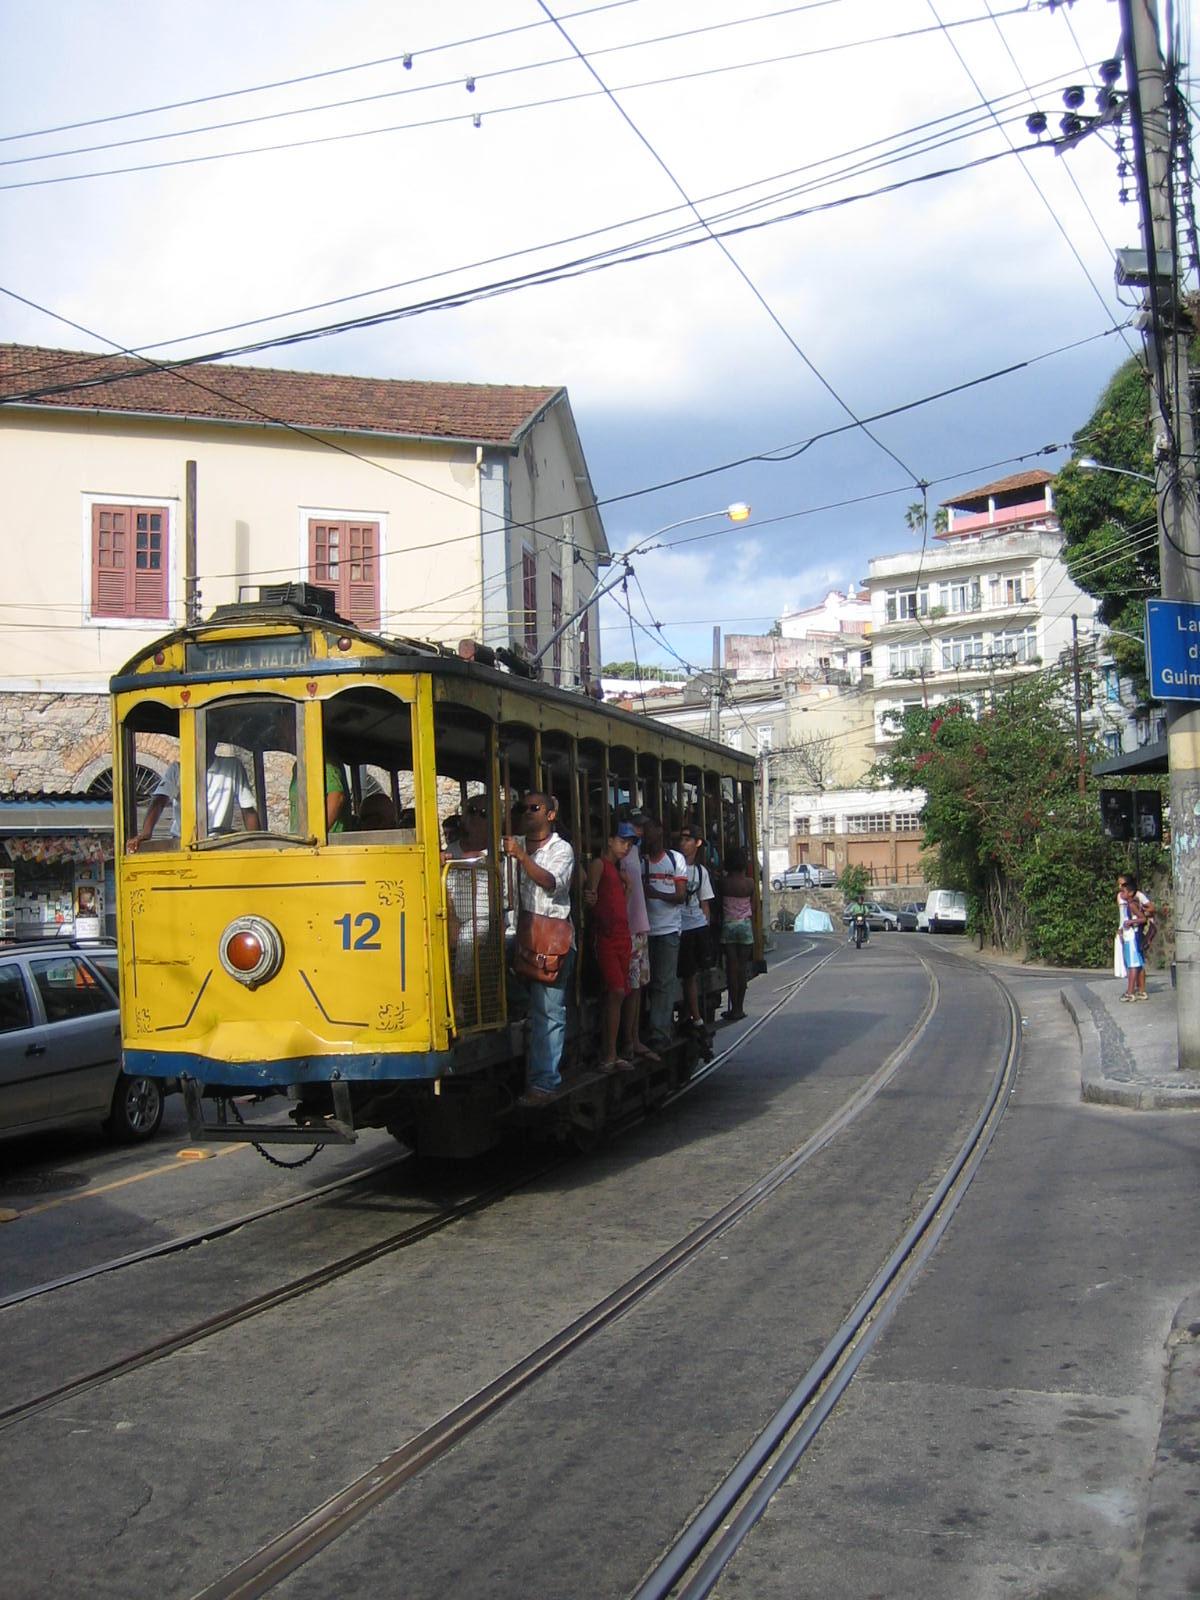 The Bonde or tram of Santa Teresa